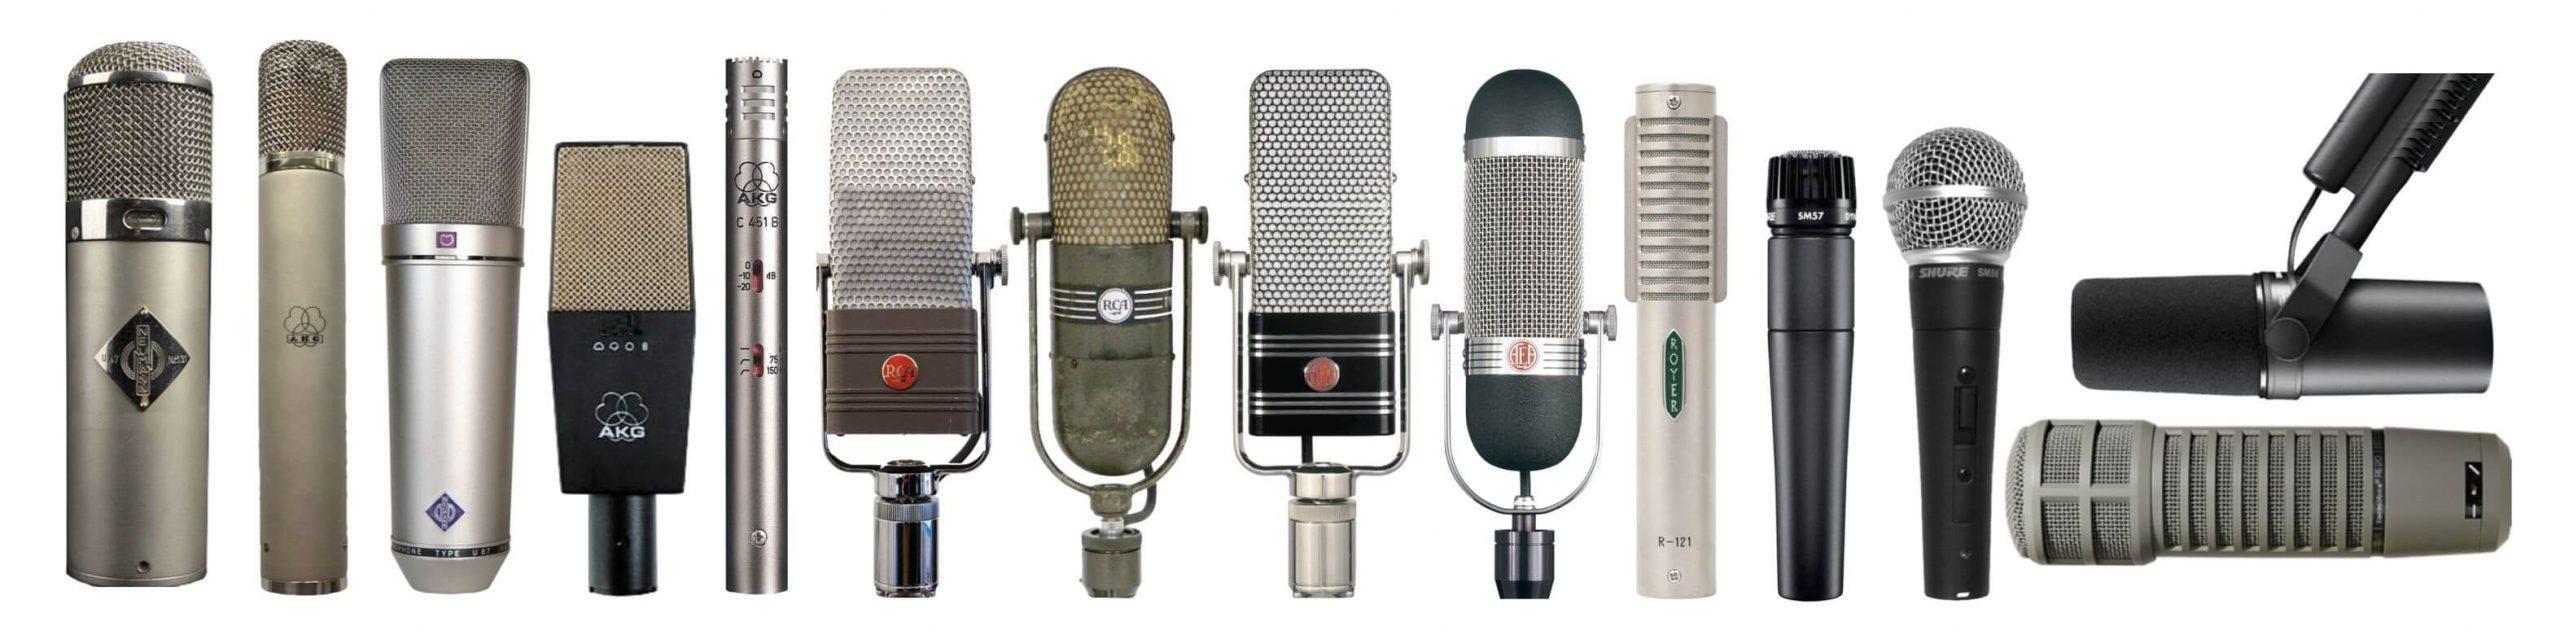 بهترین میکروفون برای تولید محتوا